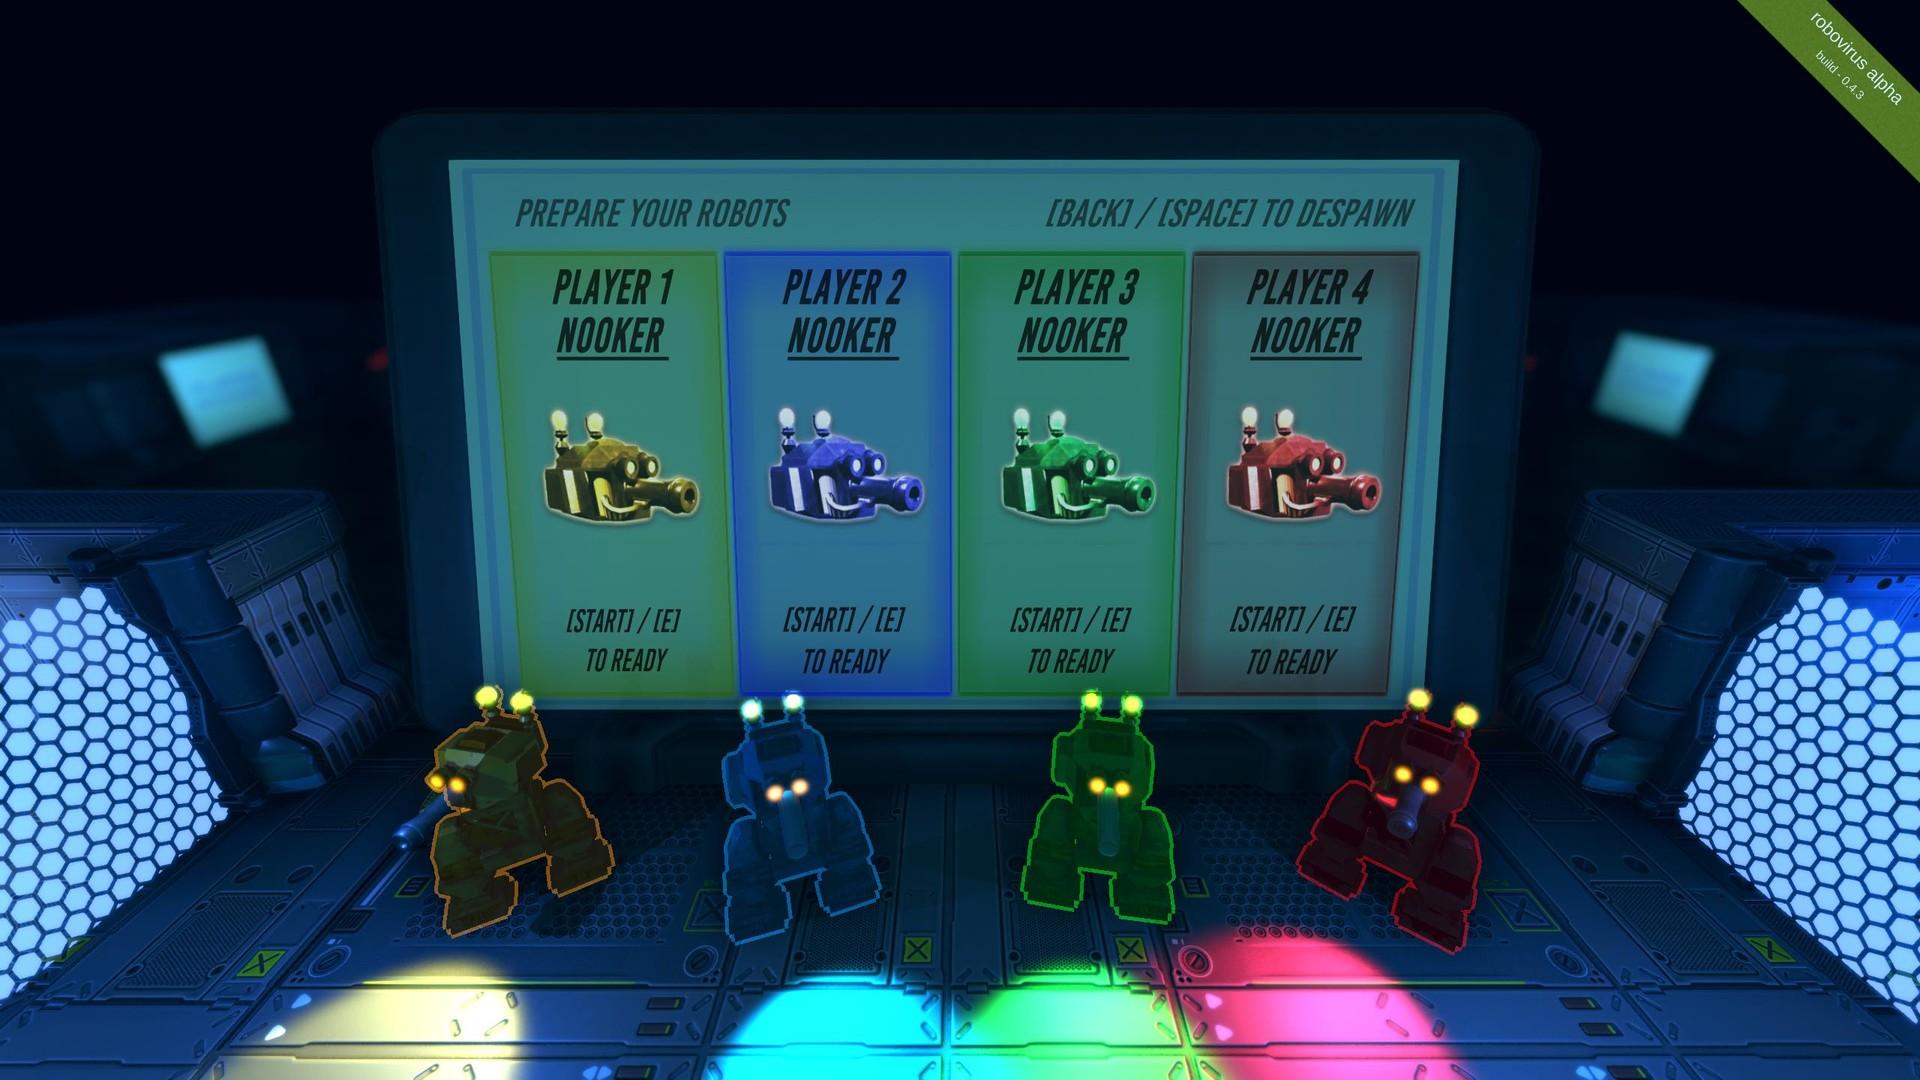 com.steam.1001870-screenshot